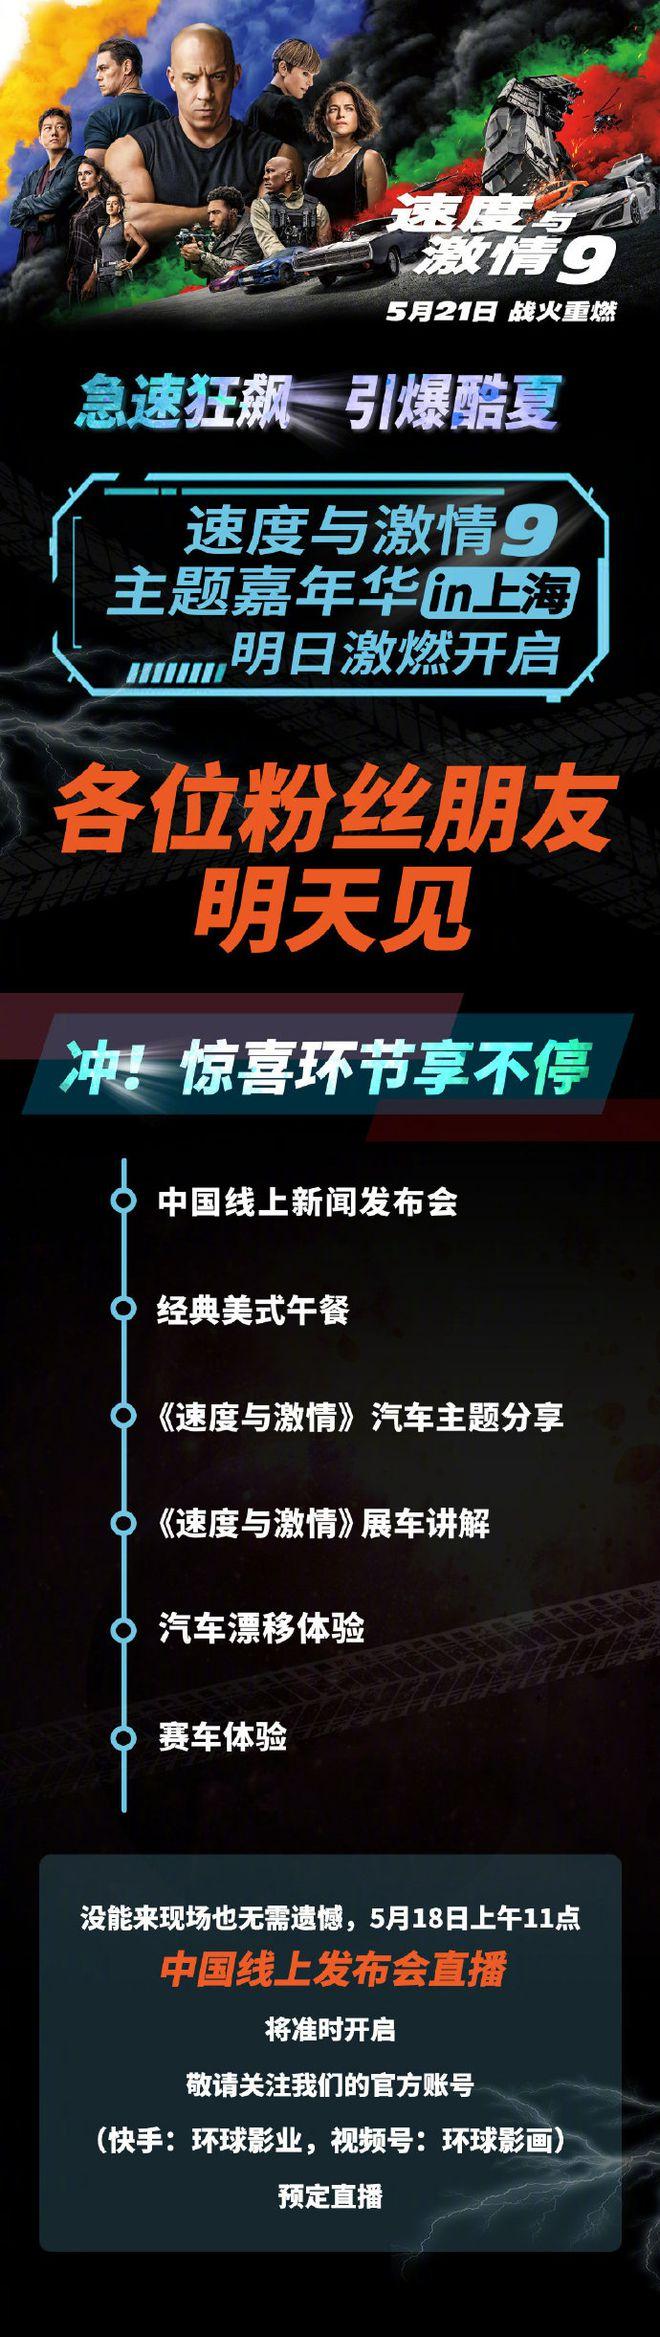 环球影业宣布《速激9》中国发布会取消:收到威胁